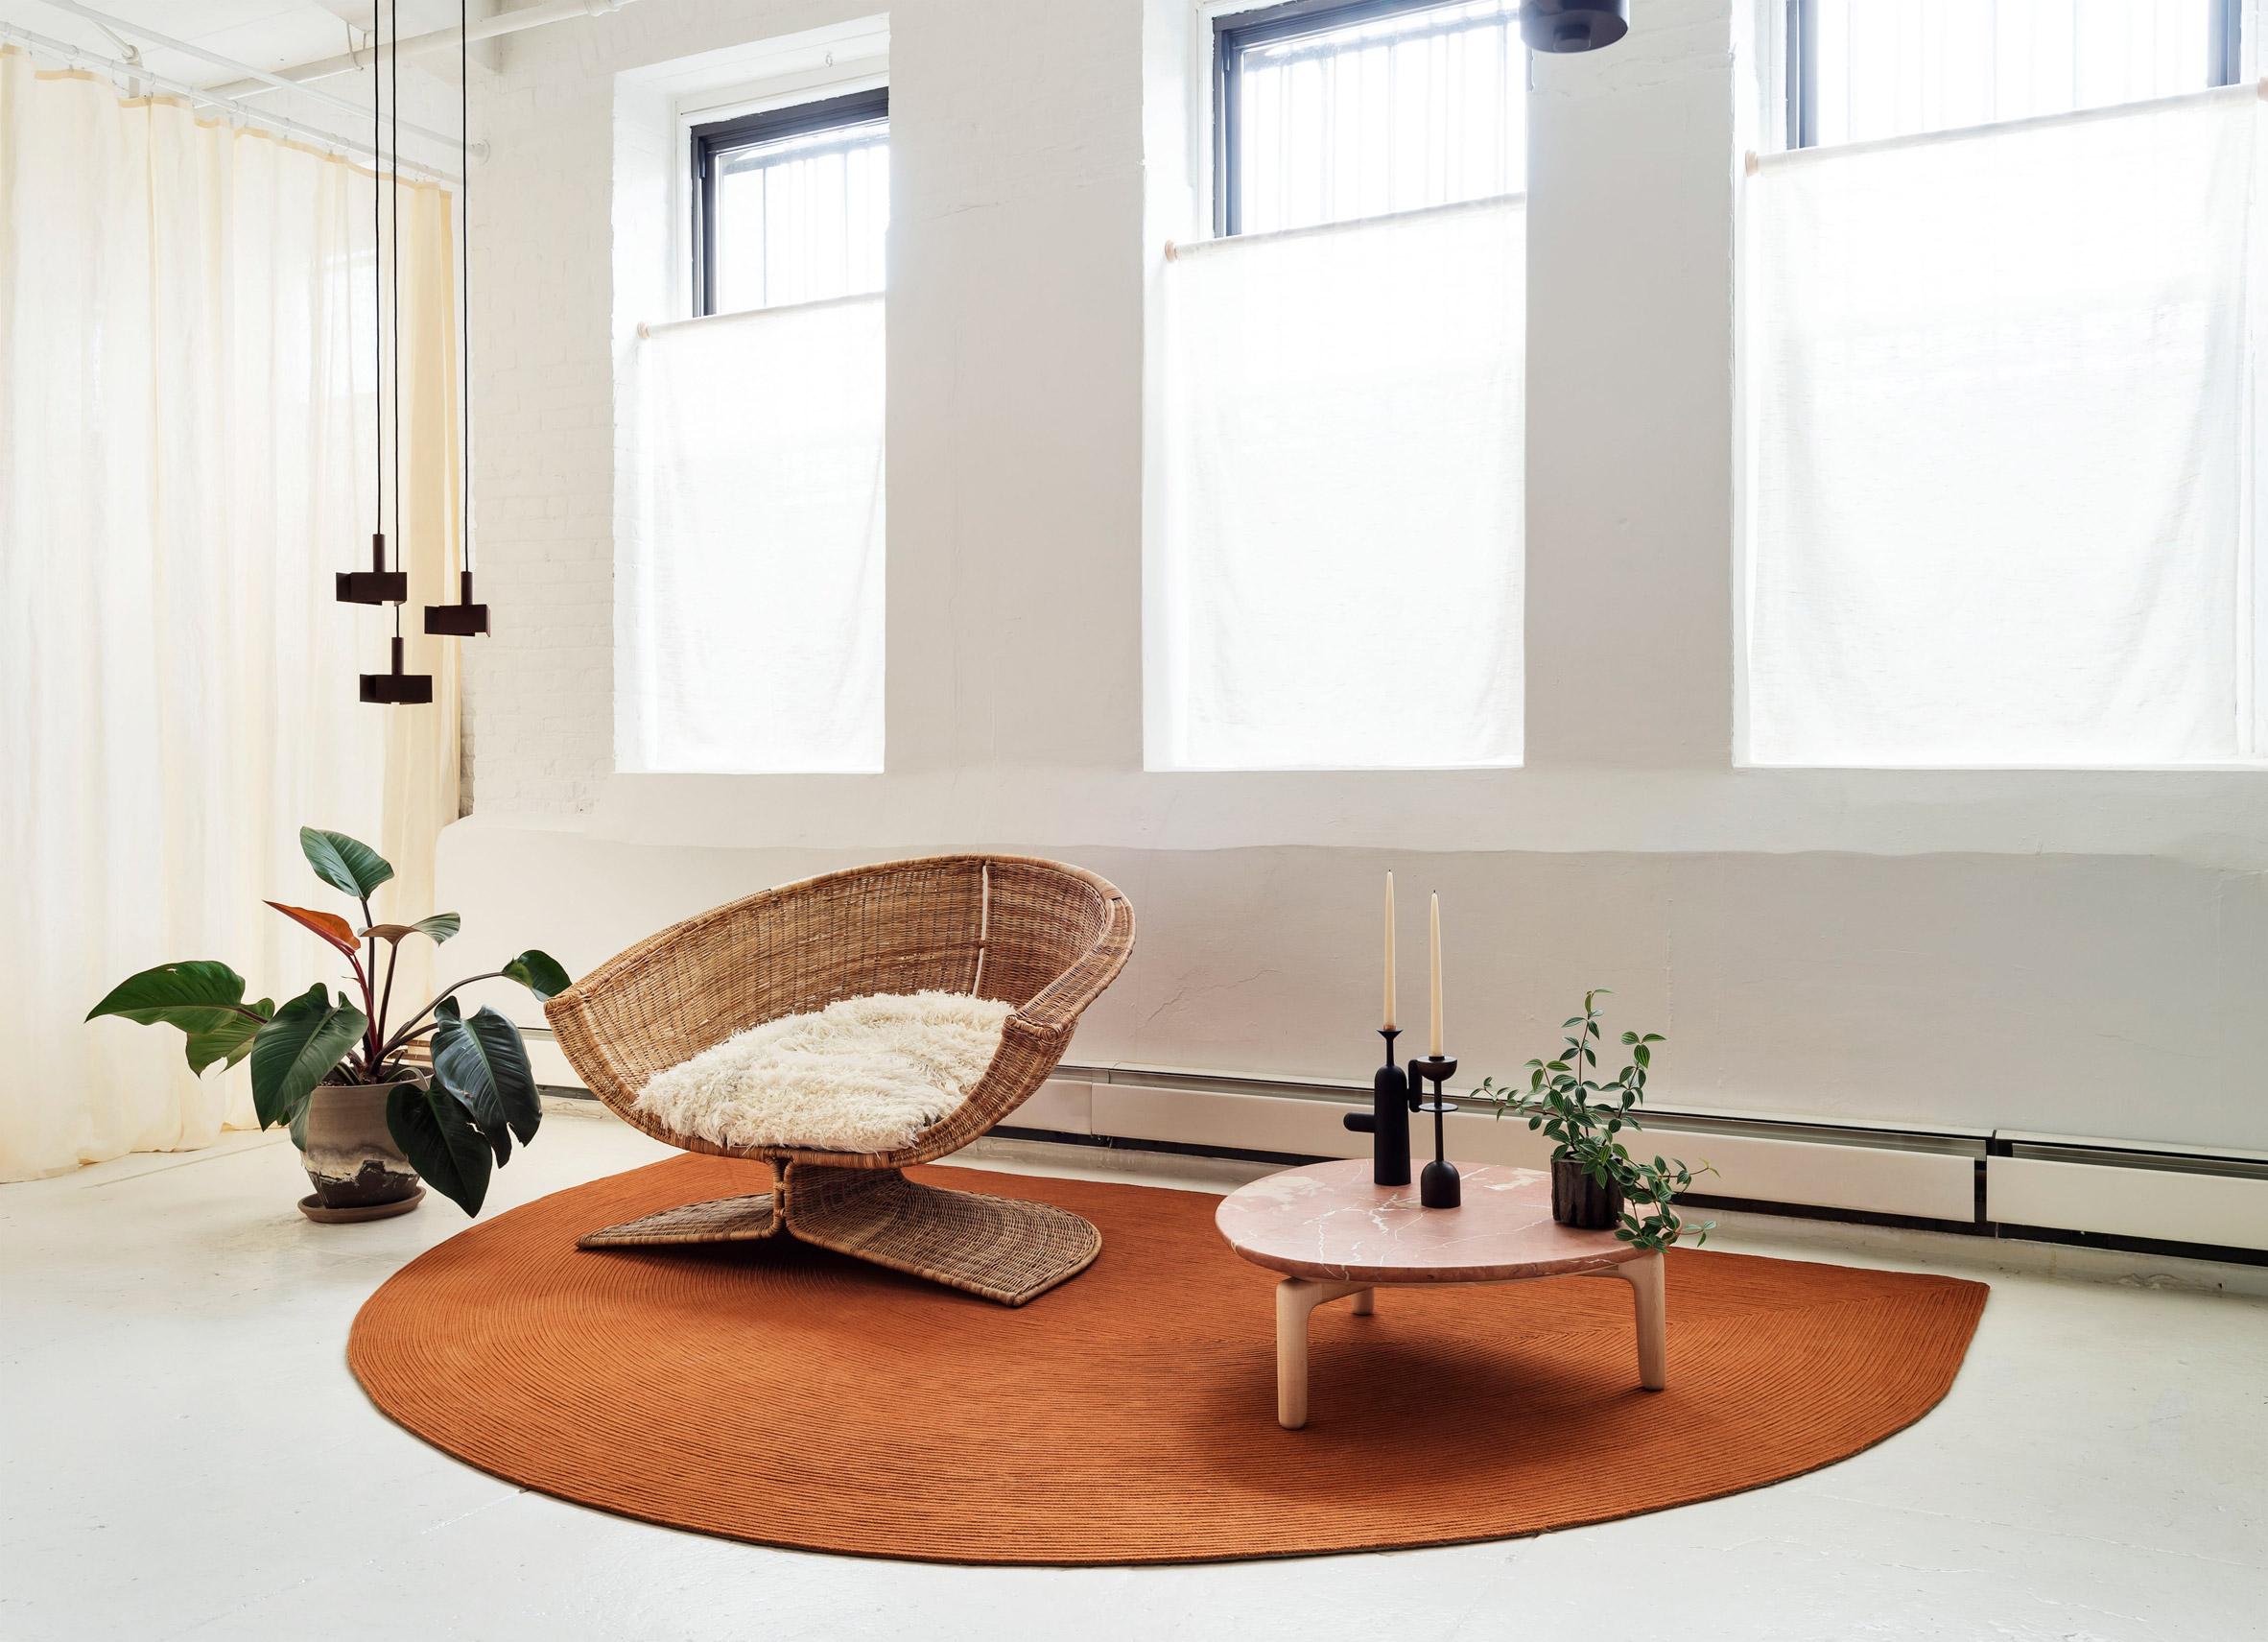 Radnor Studio